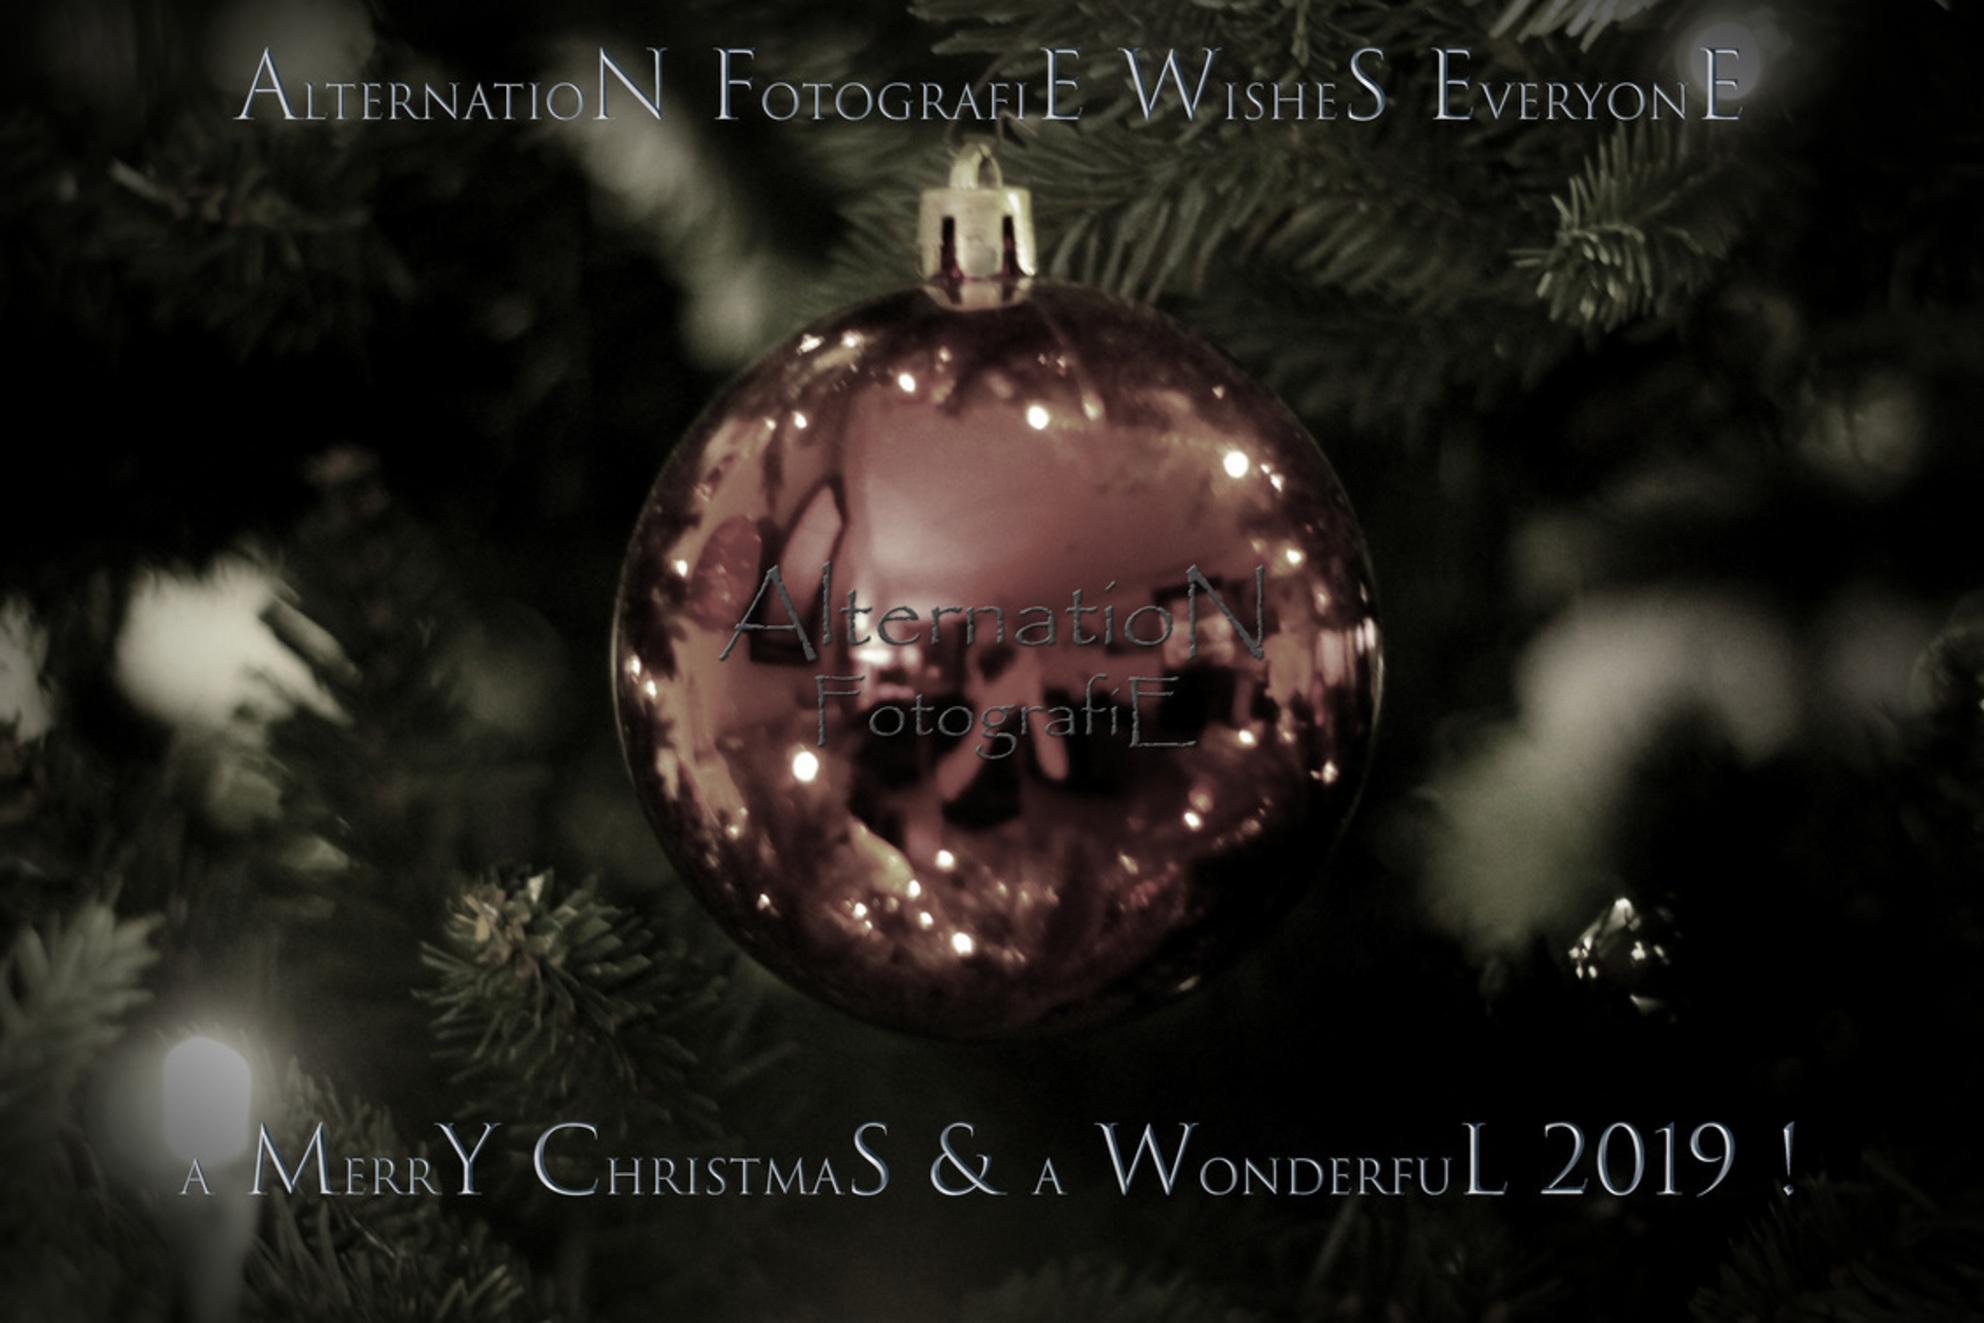 Merry Xmas Everybody - - - foto door AlternatioN photography op 16-12-2018 - deze foto bevat: donker, kleur, glas, abstract, licht, sneeuw, kerst, spiegeling, schaduw, stilleven, kunst, reflecties, christmas